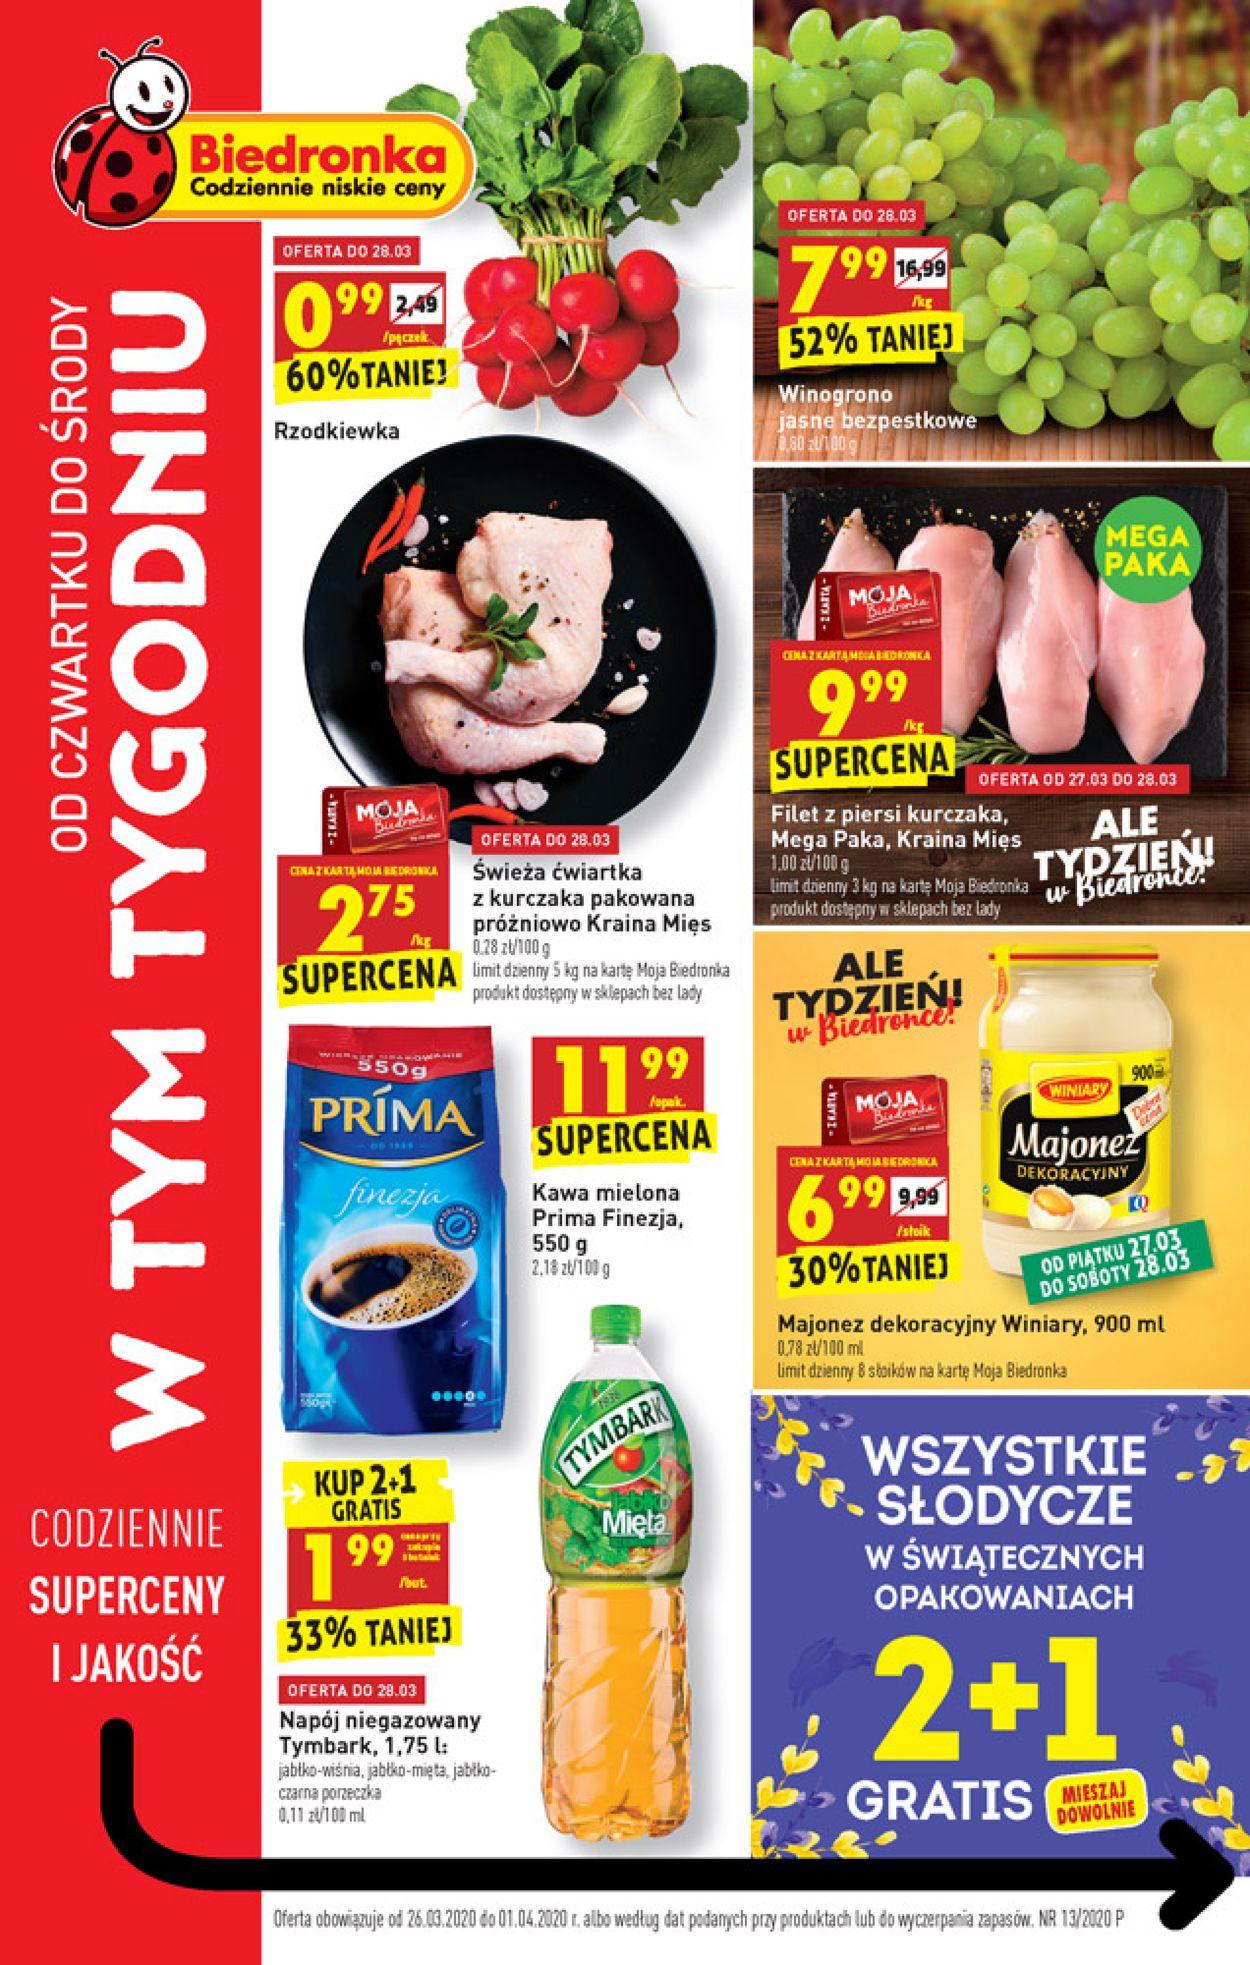 Gazetka promocyjna Biedronka - 26.03-01.04.2020